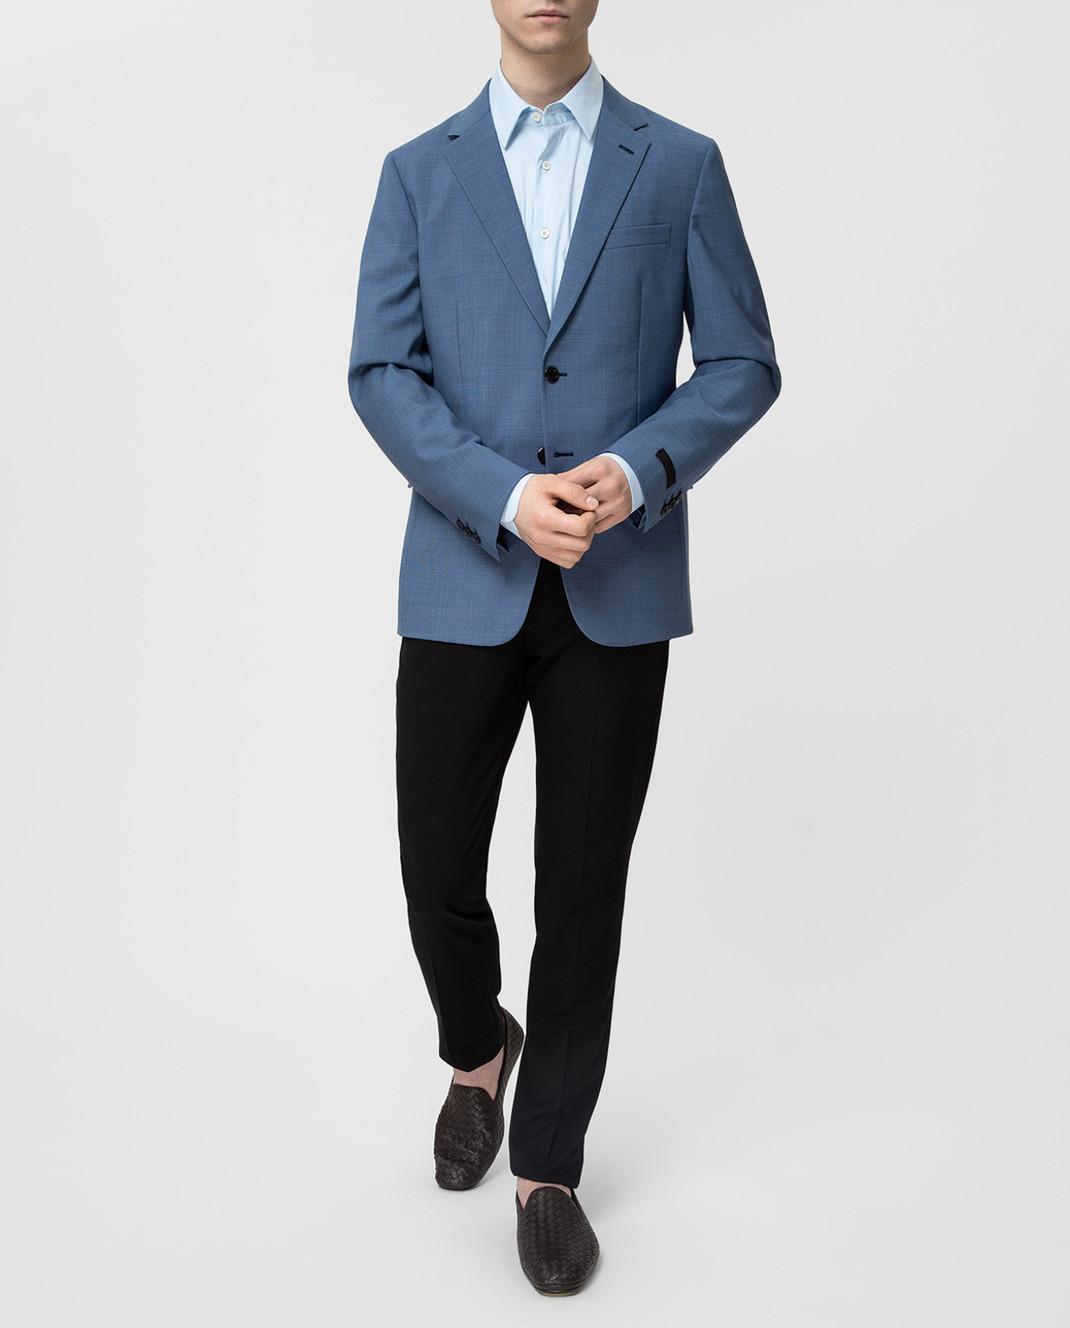 Prada Синий пиджак UGF9421S5T изображение 2